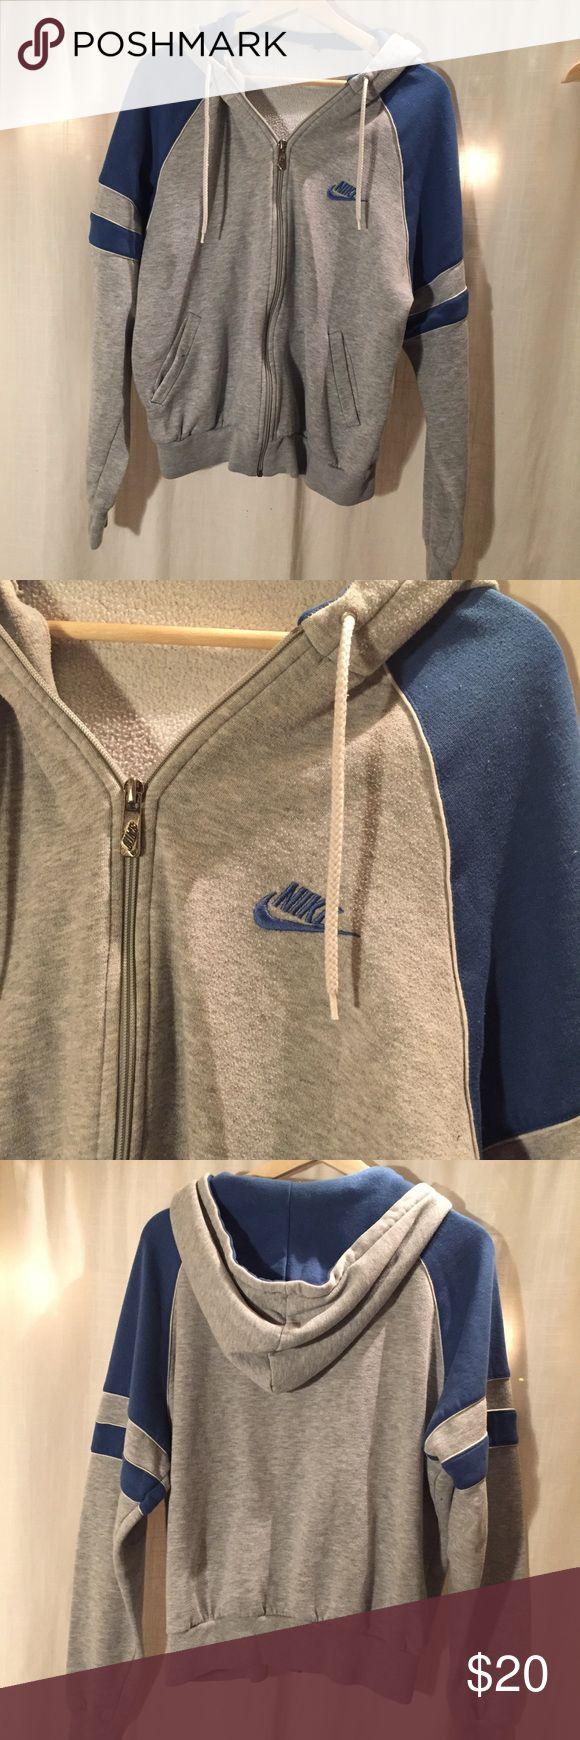 Nike Zip-Up Hoodie M grey/blue striped zip-up hoodie Nike Sweaters